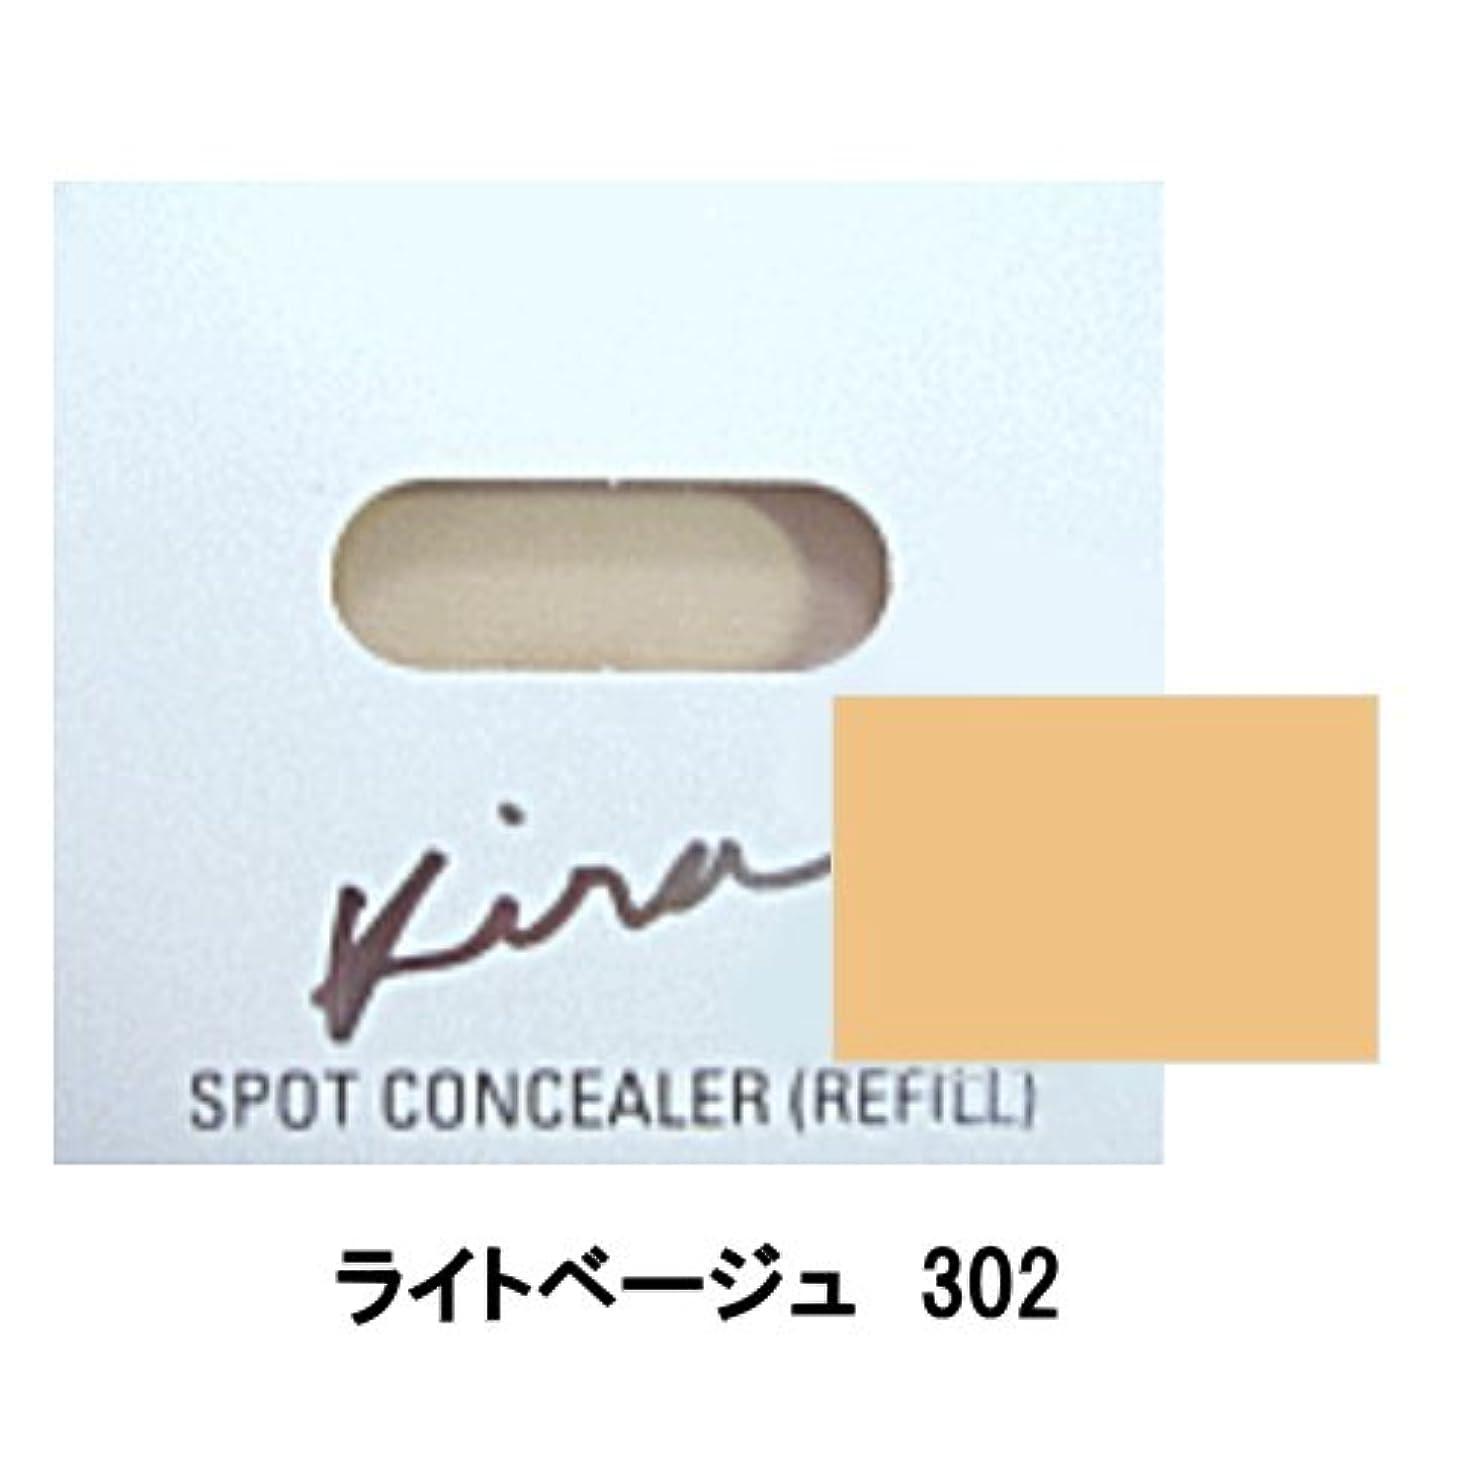 告白する結紮一定綺羅化粧品 (キラ化粧品) スポットコンシーラー 《リフィルのみ》 (ライトベージュ 302)